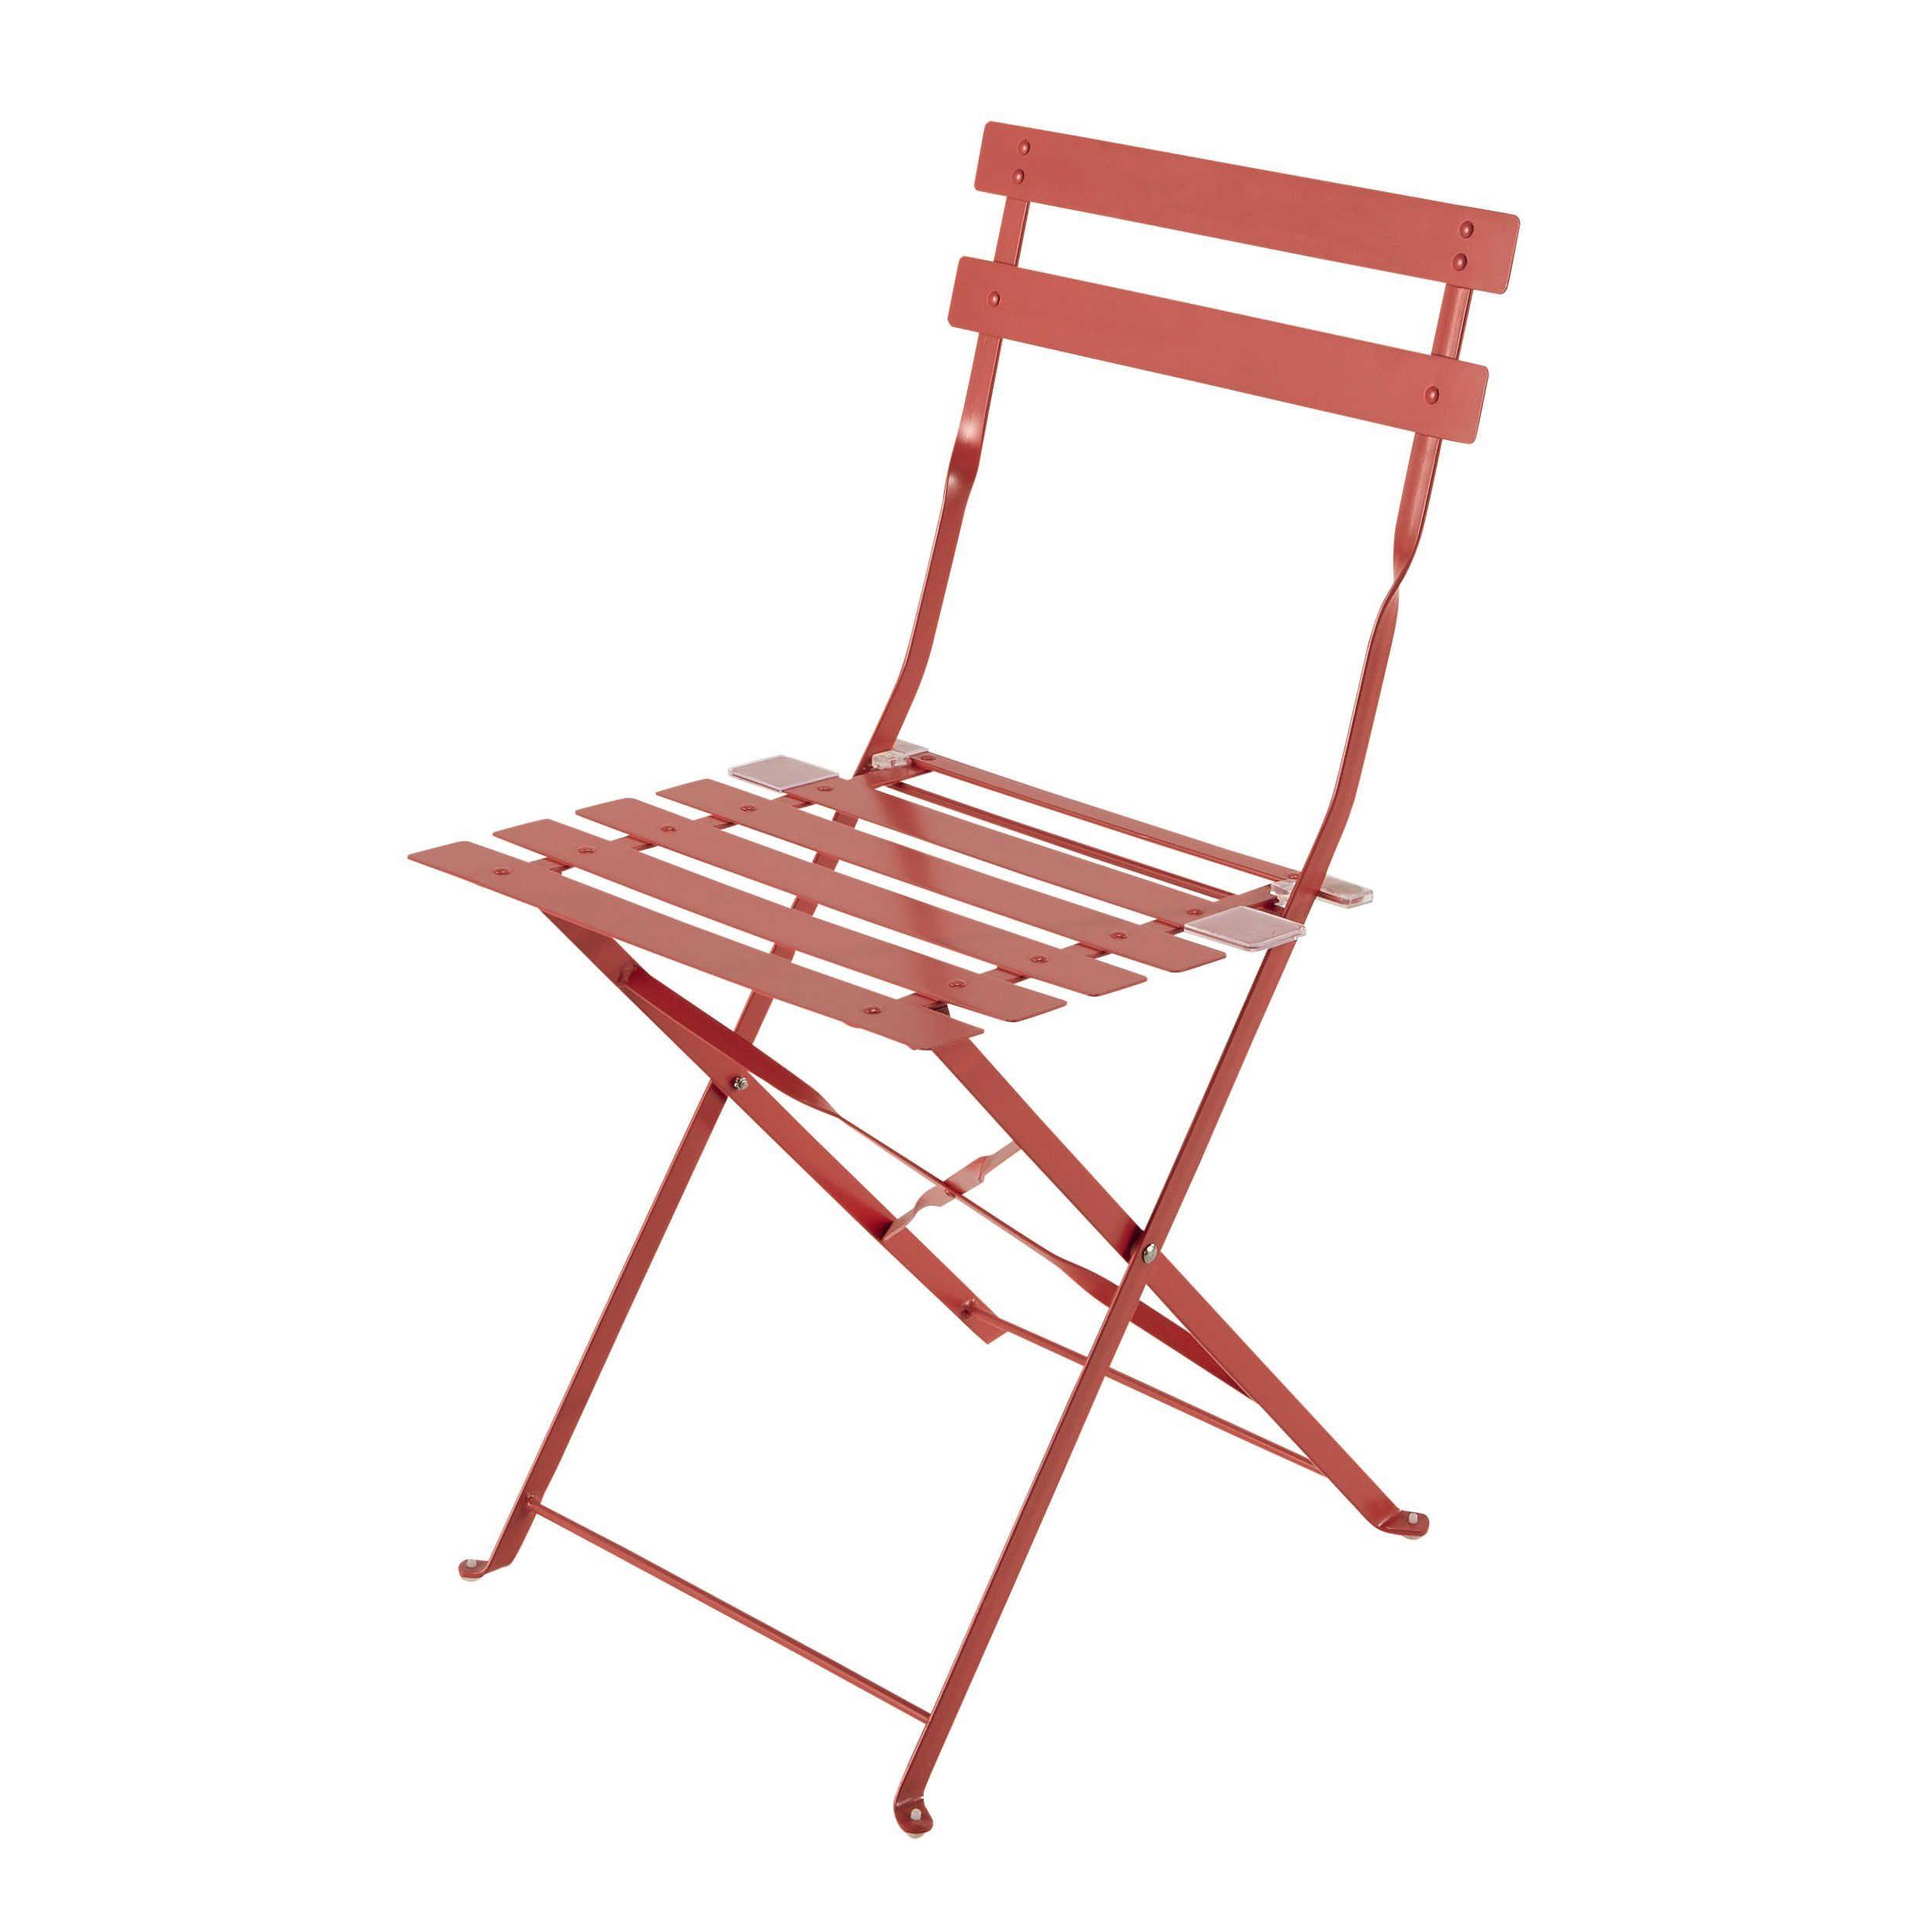 2 Chaises Pliantes De Jardin En Métal Rouge Confetti ... dedans Chaise De Jardin Metal Pliante